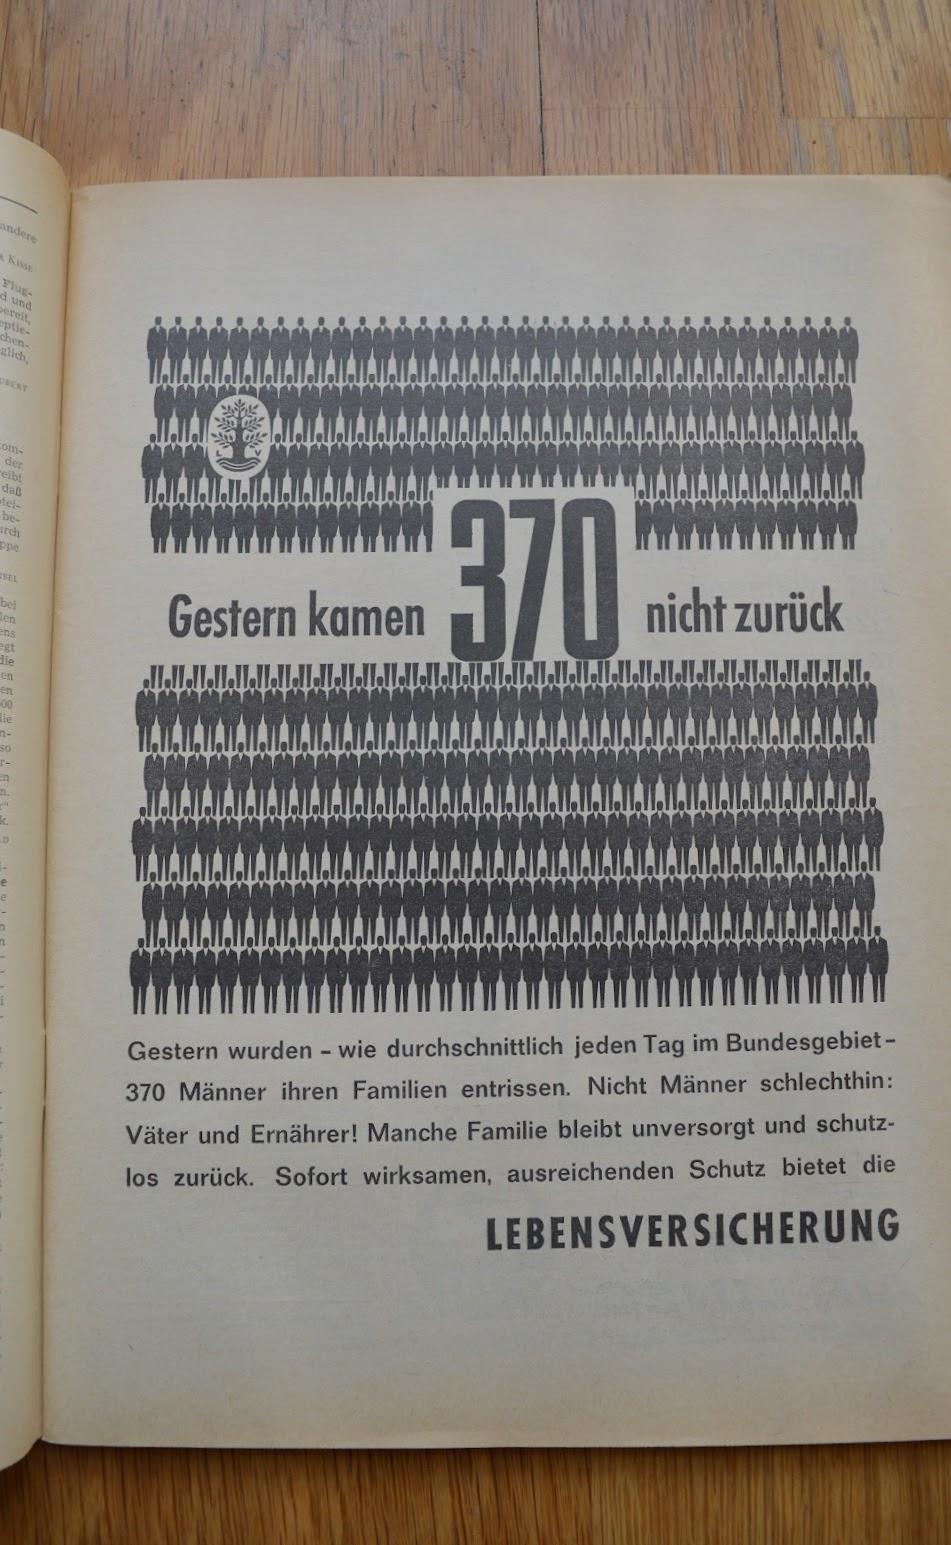 DER SPIEGEL, 29. April 1964 - Werbung für Lebensversicherungen